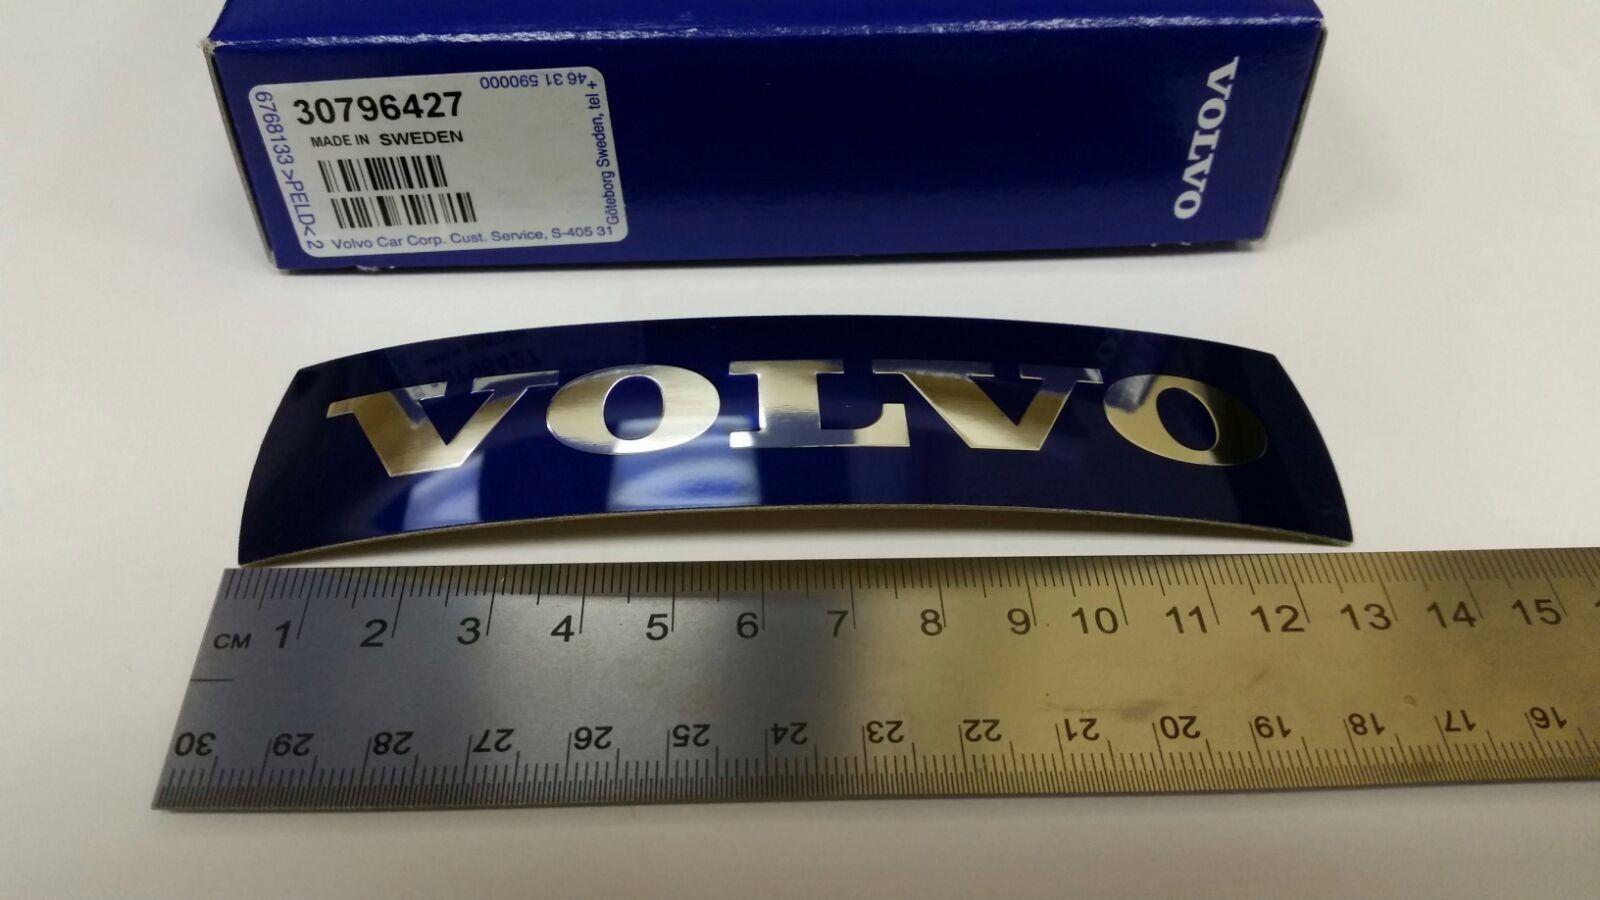 Genuine Volvo Grille Emblem Badge 30796427